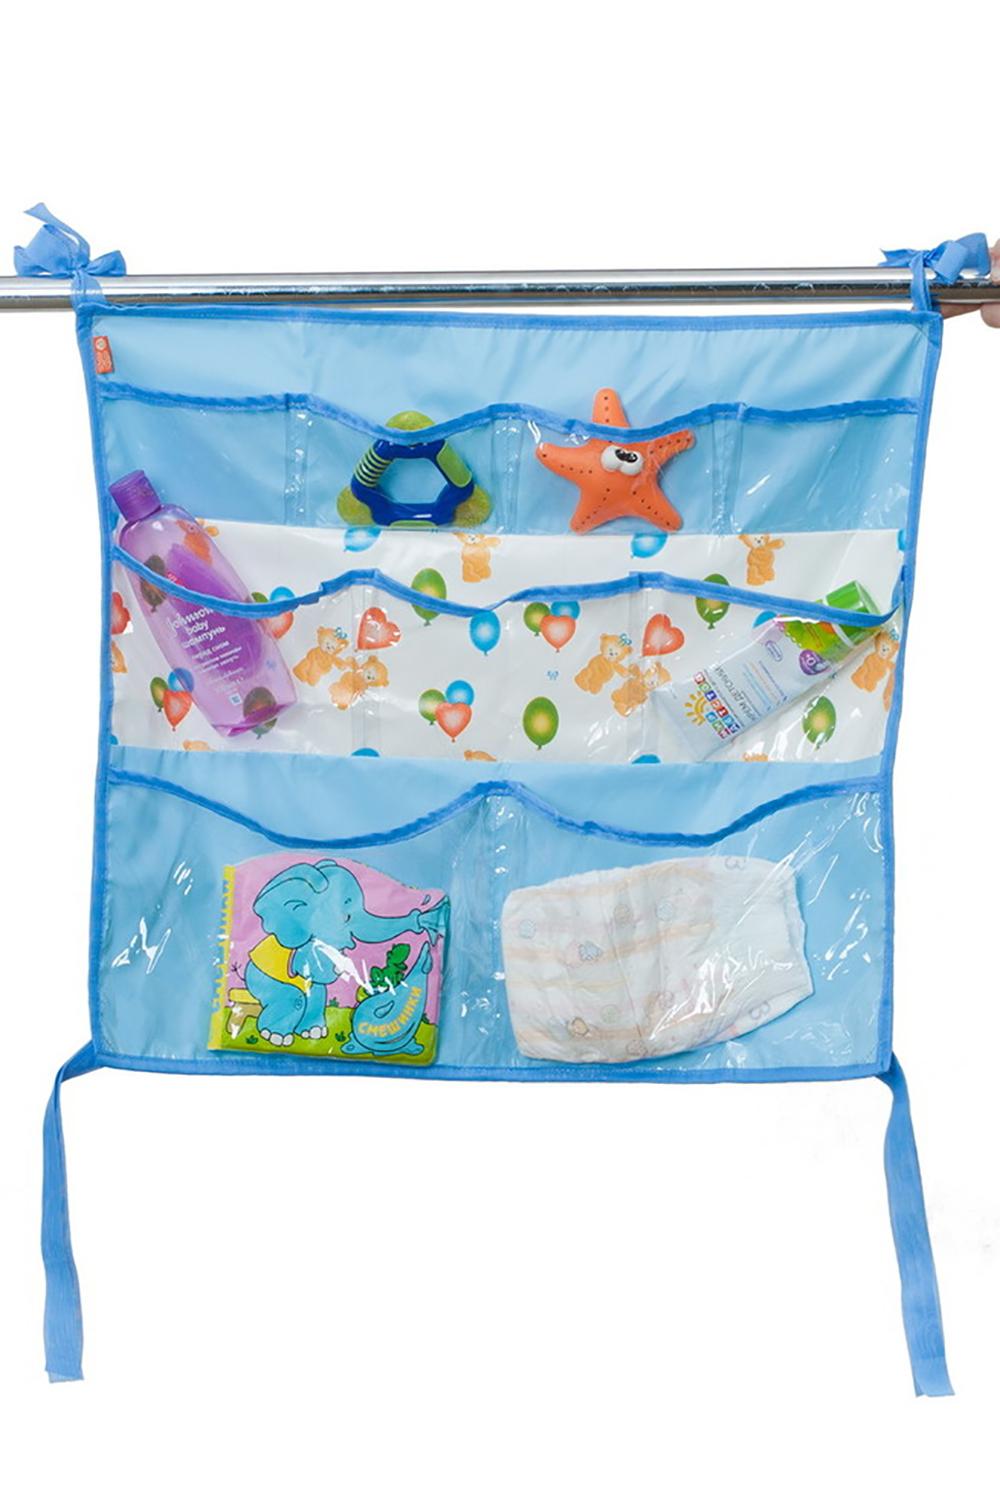 Подвесные карманыБортики и матрасы<br>Подвесной коврик с кармашками поможет держать все необходимые вещи под рукой и в полном порядке. Наш коврик с кармашками можно использовать не только на кроватку, но и в ванной.  Преимущества: - детские аксессуары под рукой и в полном порядке - удобно хранить и легко найти нужную вещь - можно использовать не только на кроватку, но и в ванной - гигиеничен и прост в уходе - оптимальные размеры и практичные крепления  В изделии использованы цвета: голубой и др.<br><br>По сезону: Всесезон<br>Размер : UNI<br>Материал: ПВХ<br>Количество в наличии: 1